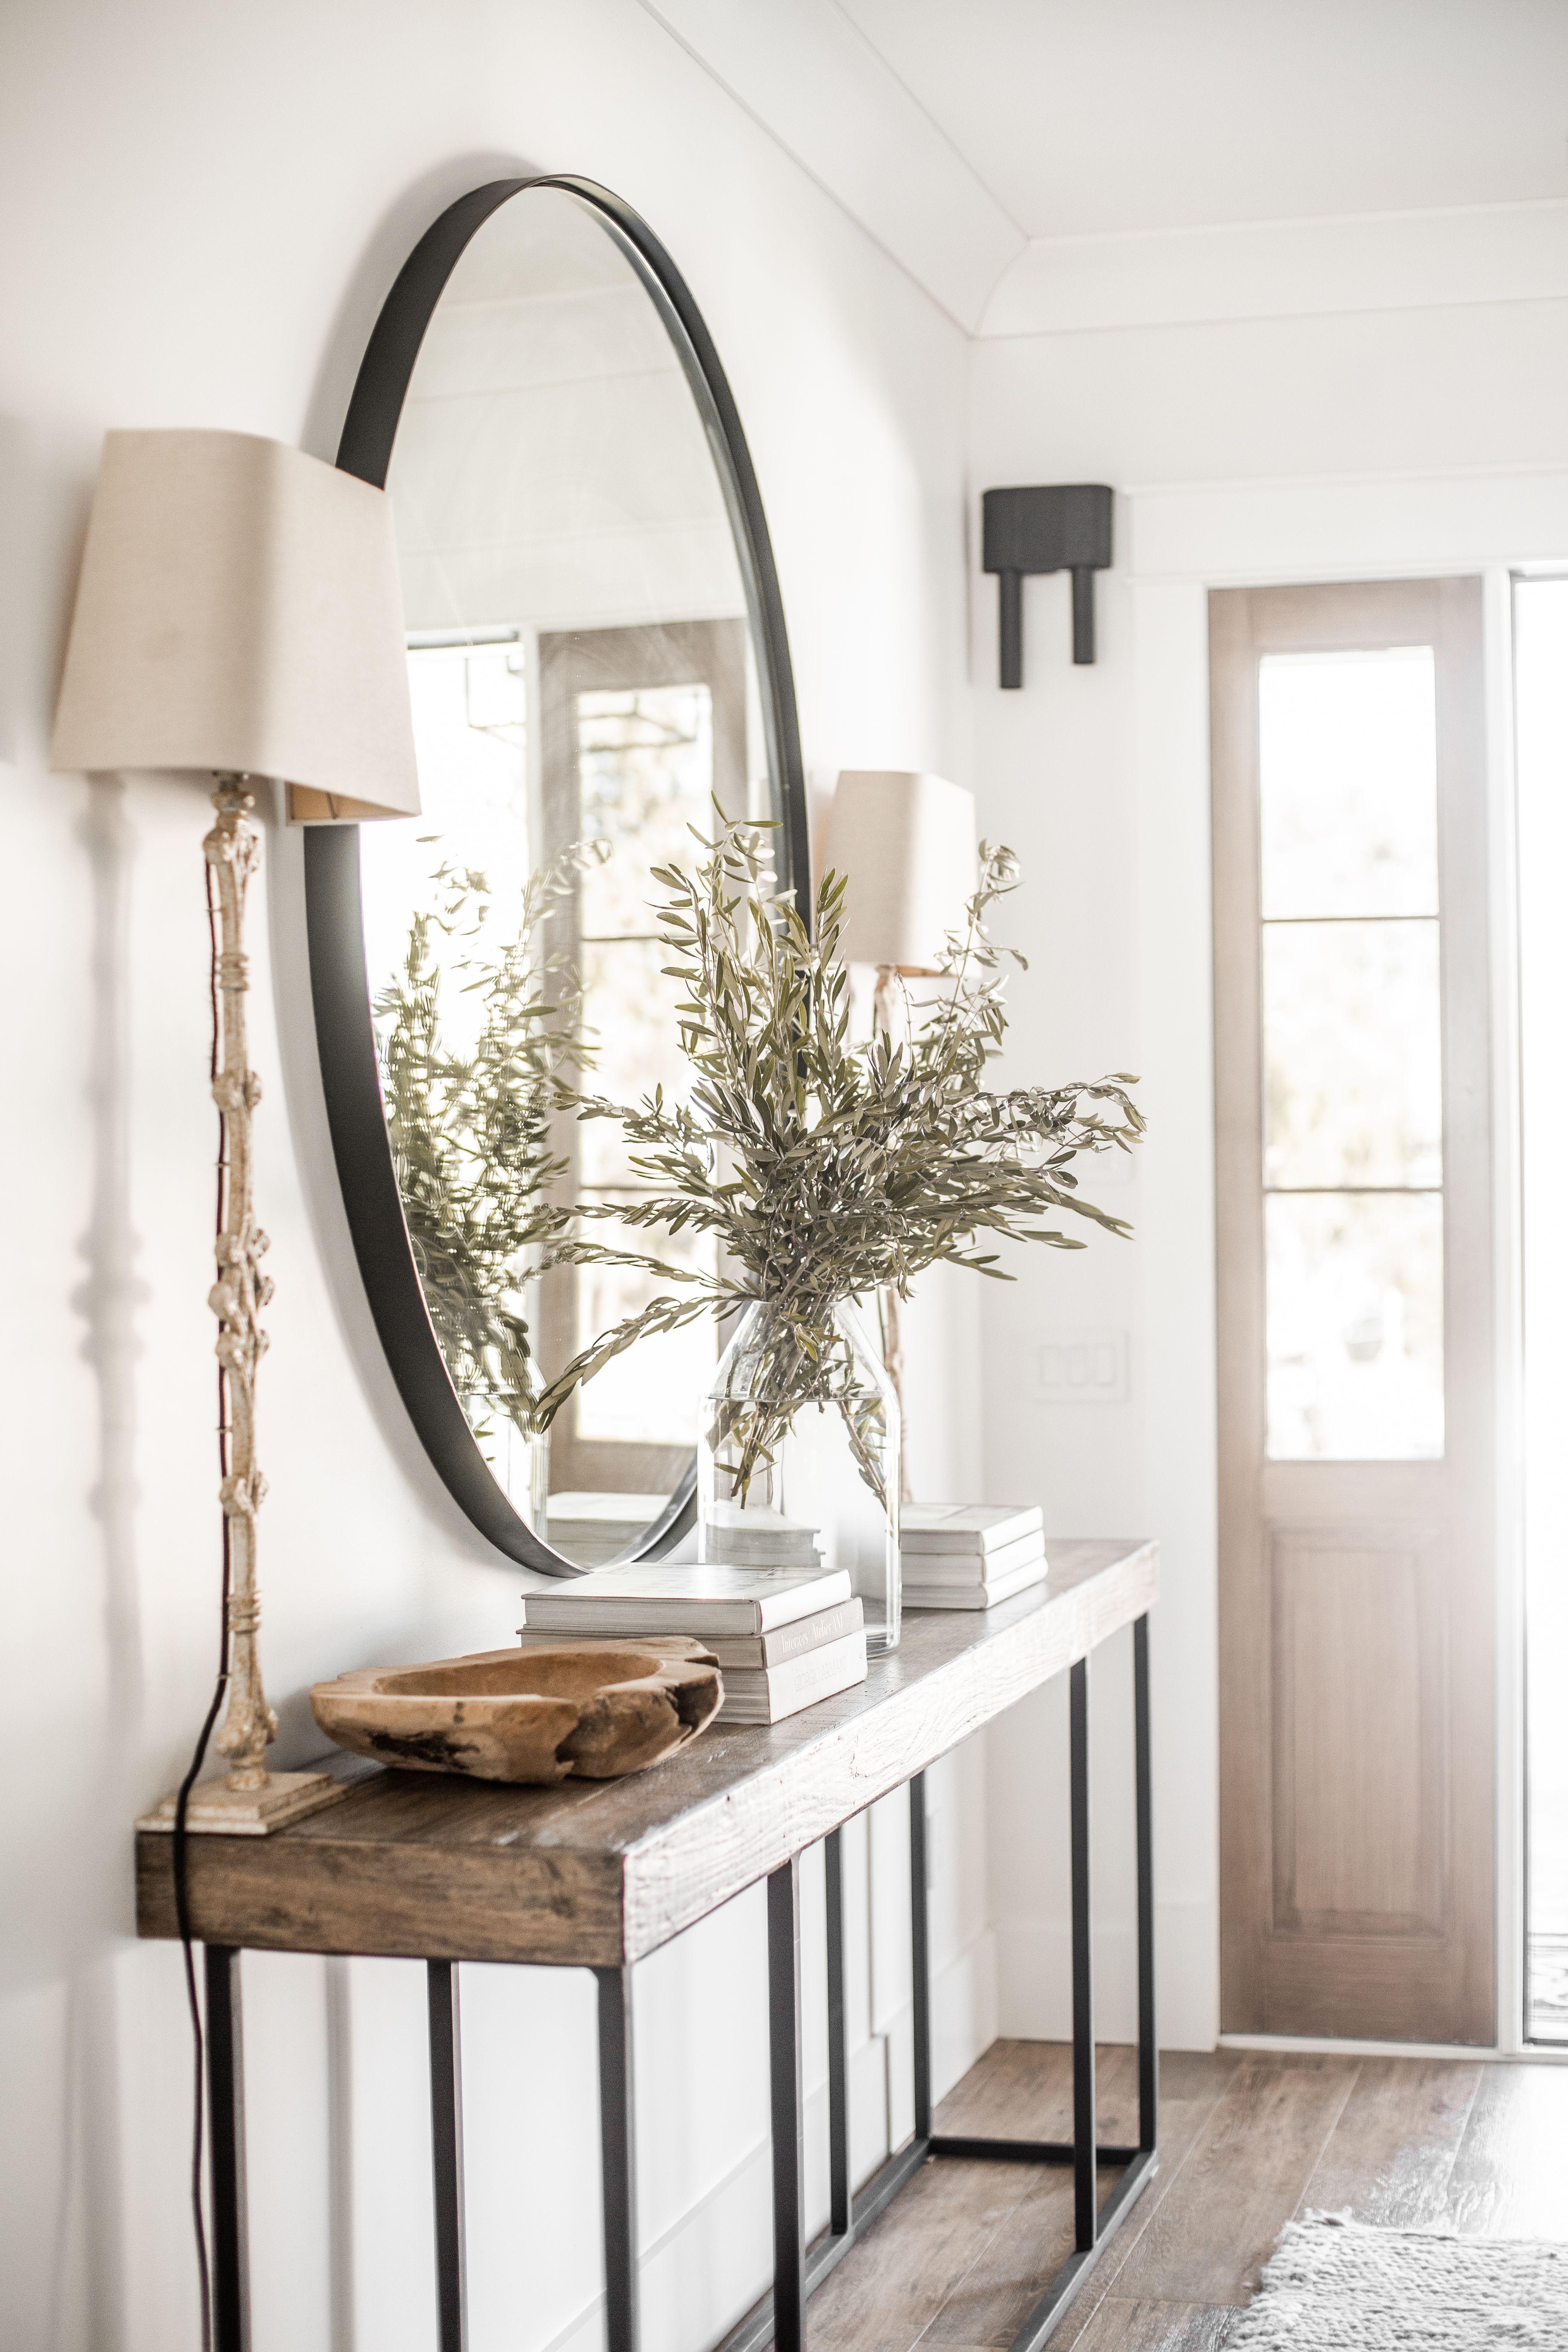 Circle Mirror Entryway Decor Entryway Decor Small Entrance Decor Entry Table Decor